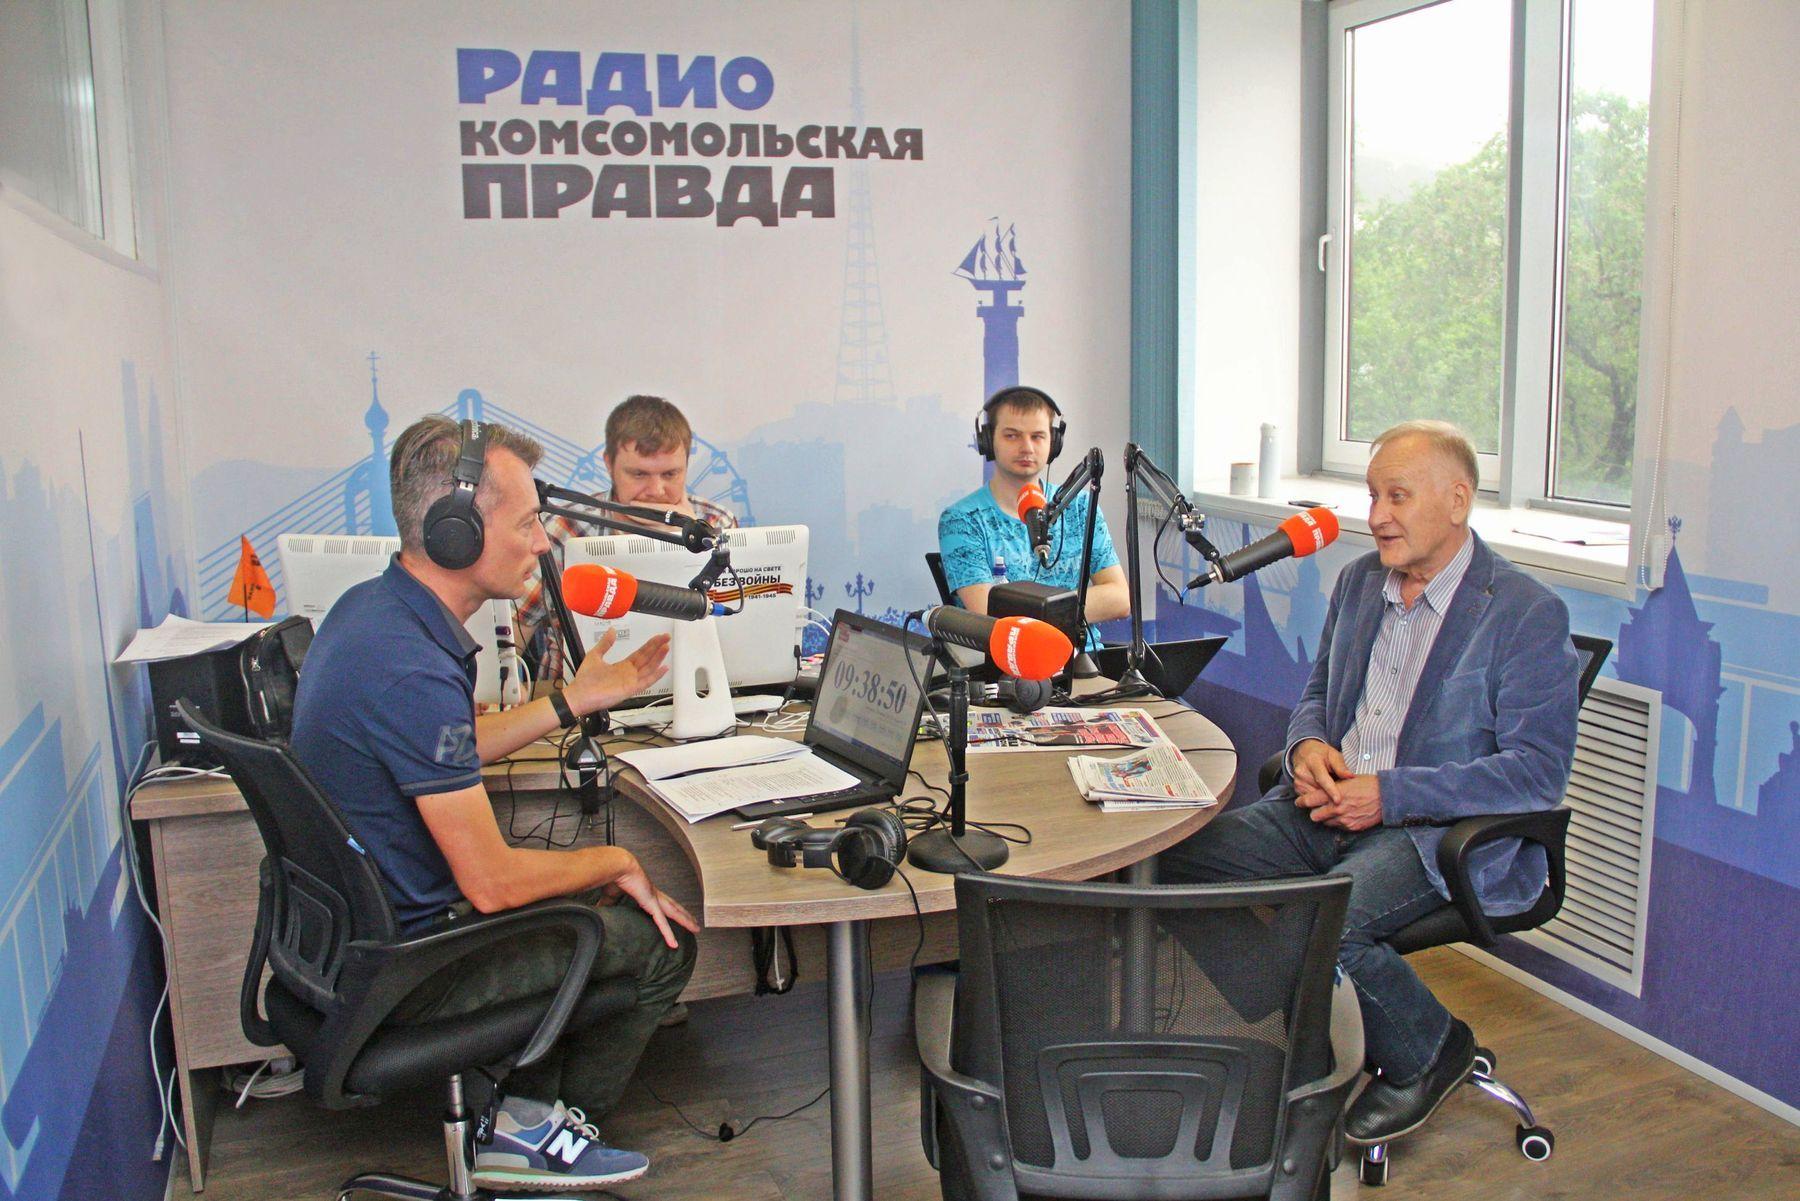 Президент ВГУЭС Геннадий Лазарев: Если выпускники сделают выбор в пользу Владивостока, то не ошибутся